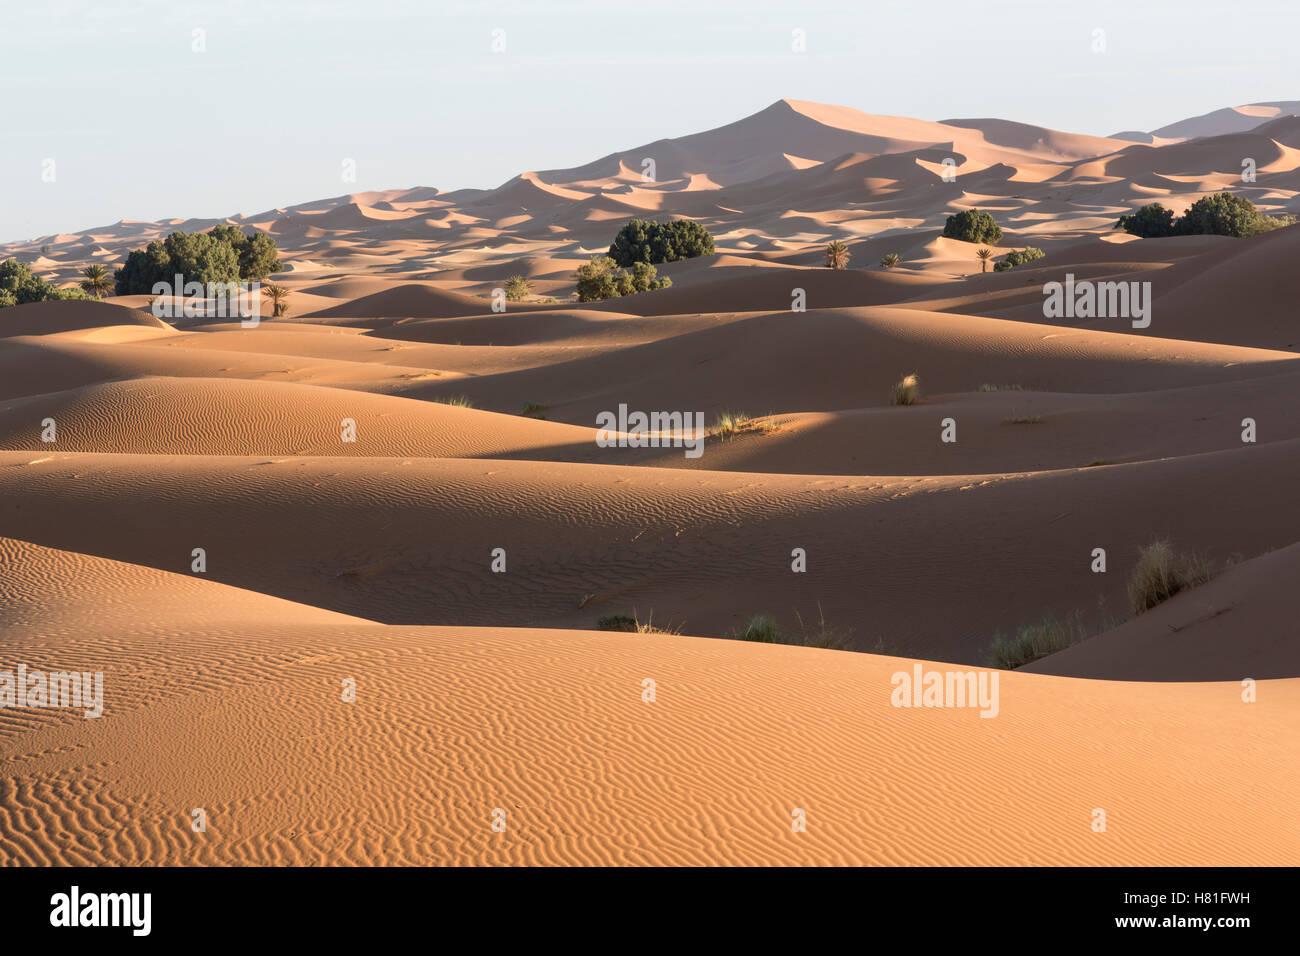 Marruecos, el Erg Chebbi, dunas de arena en el desierto del Sáhara, cerca de Merzouga Imagen De Stock